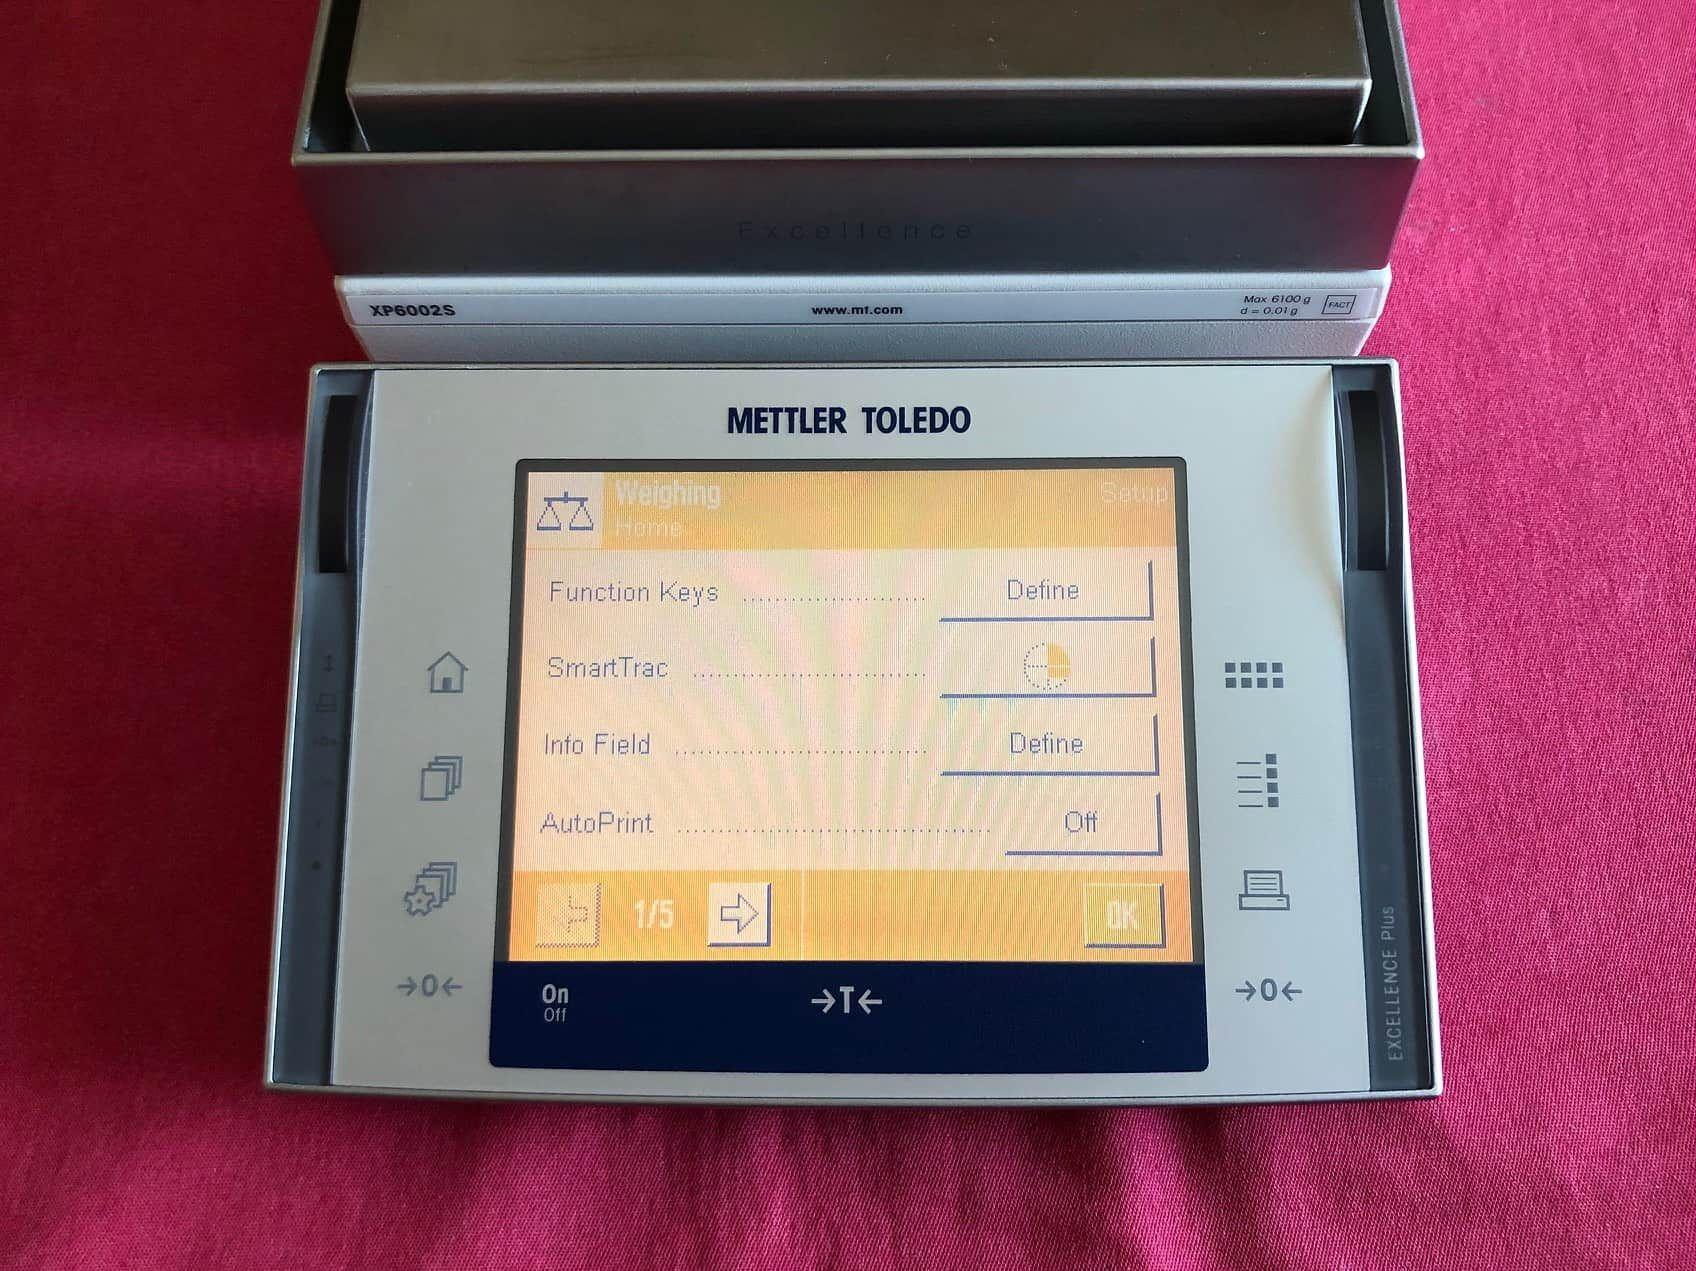 Mettler Toledo XP6002S Balance Scale 6100.00g